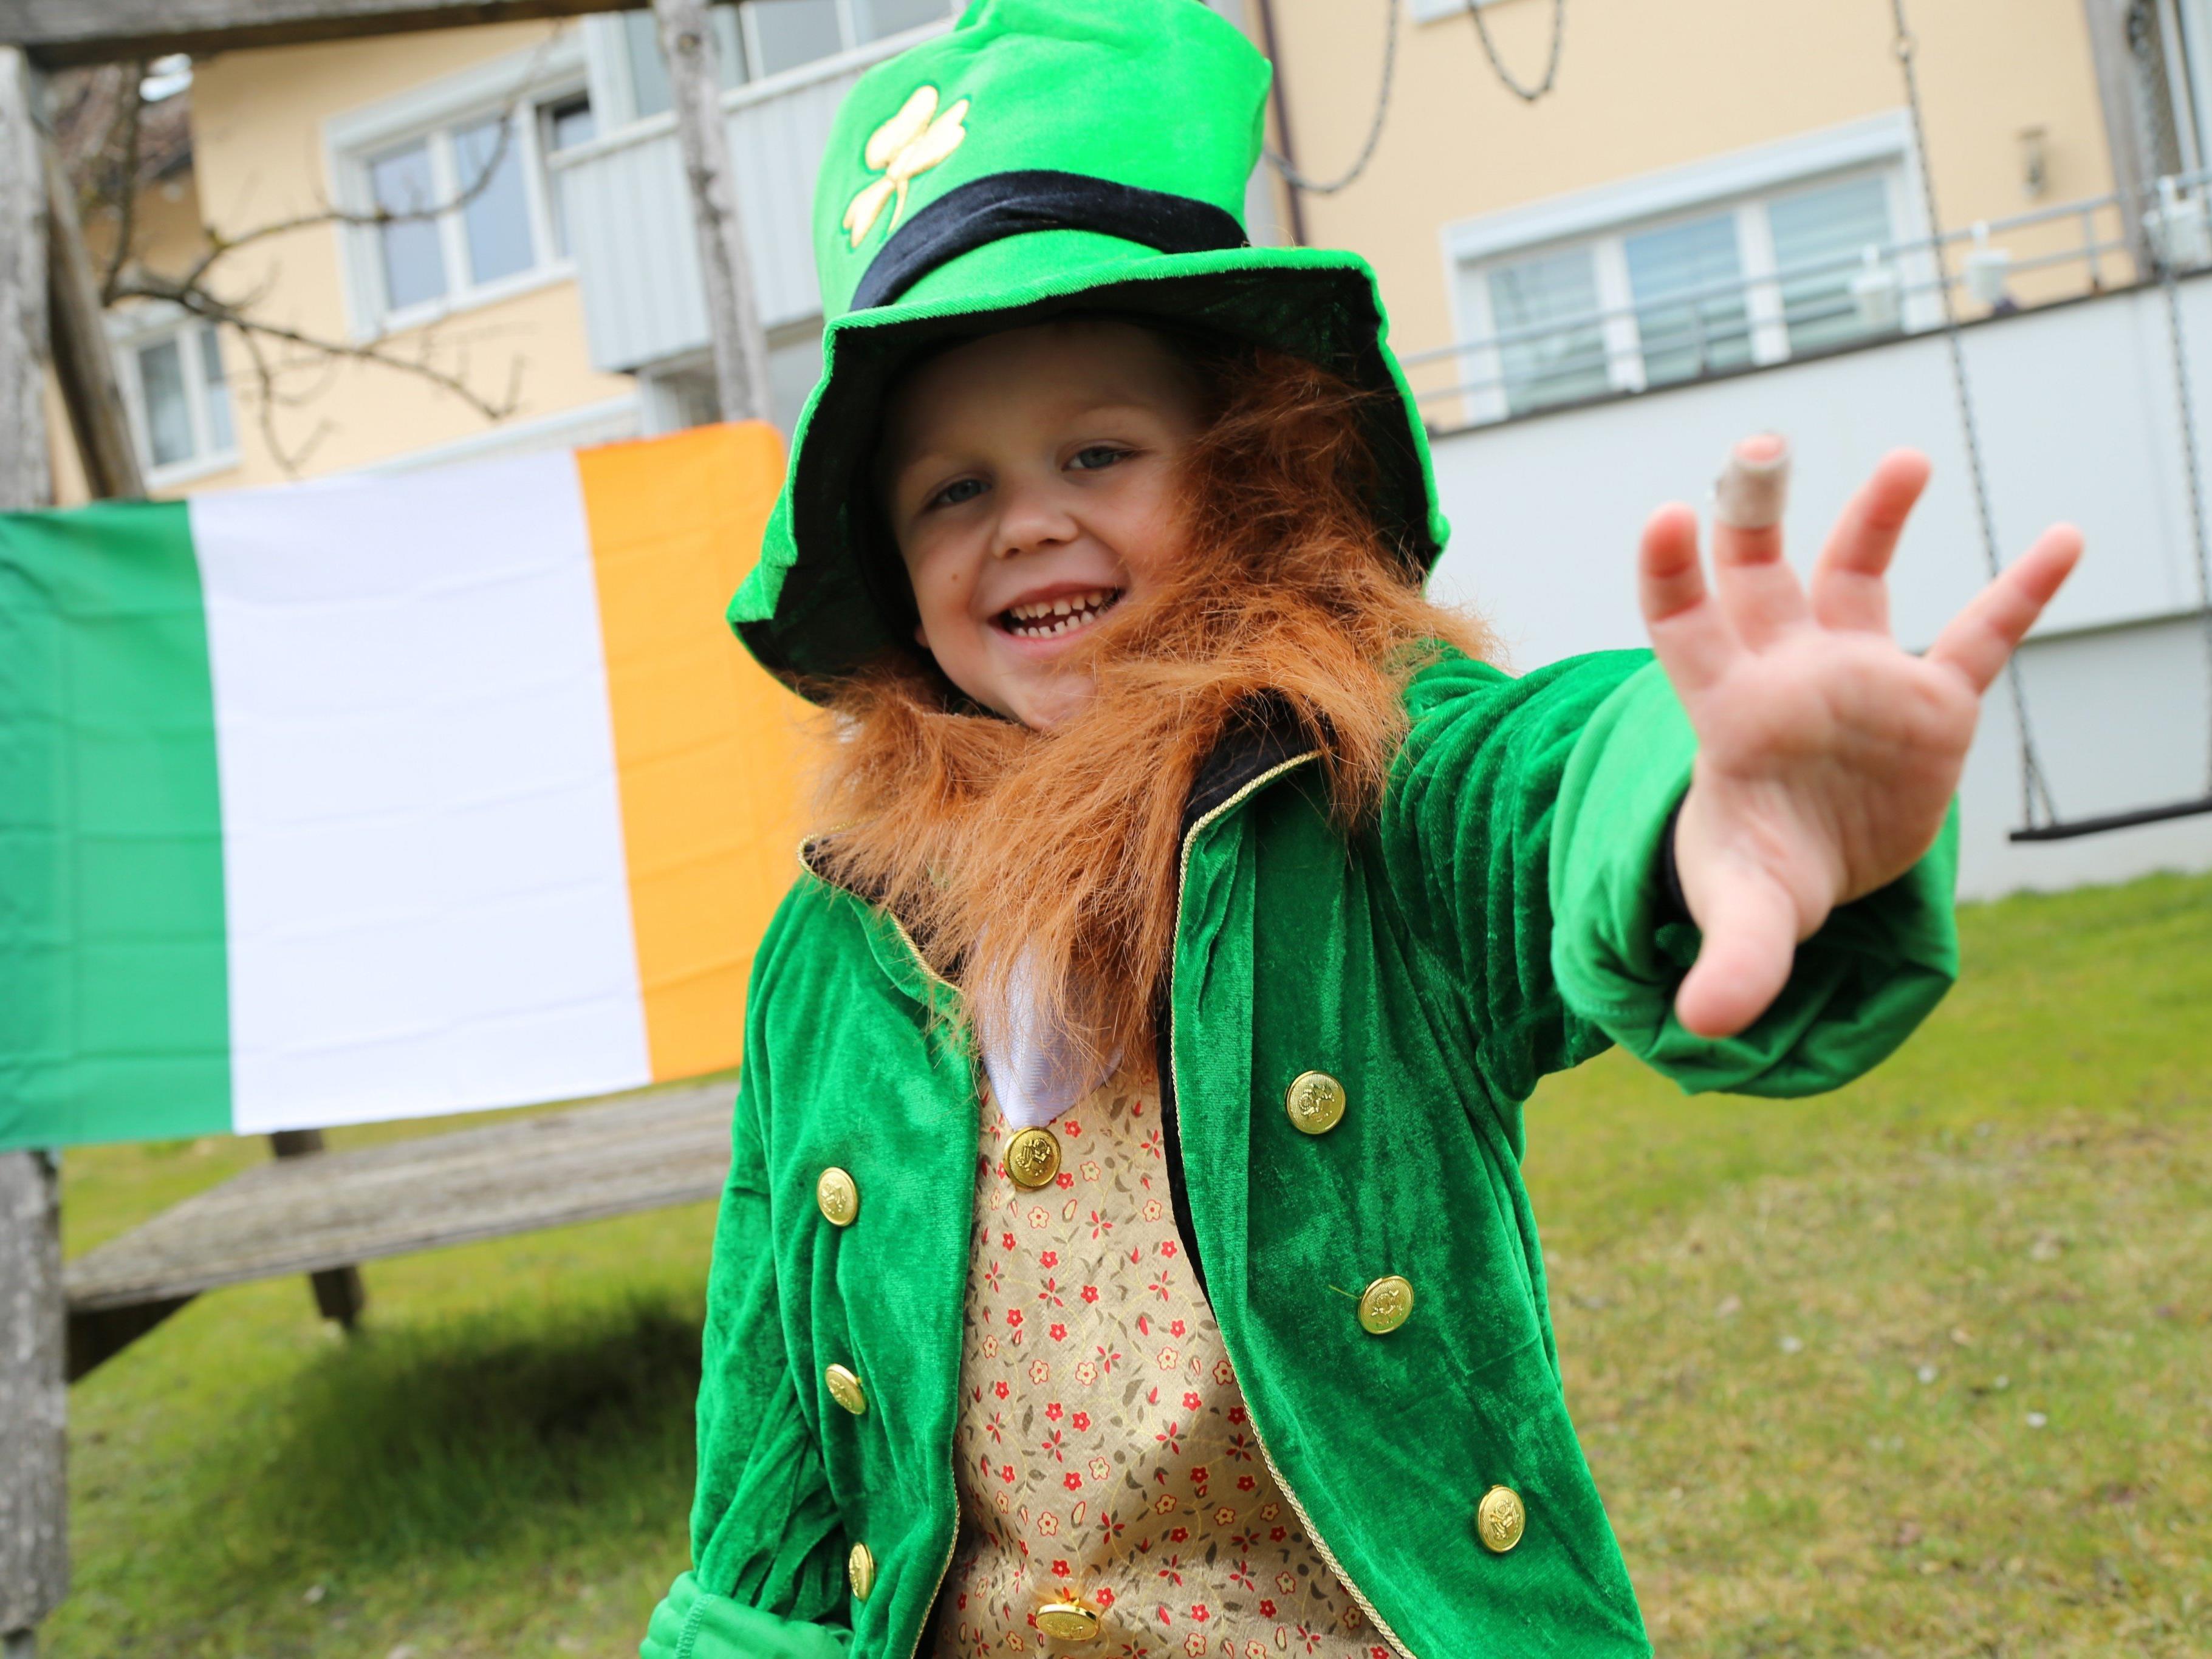 Heute, 17. März, ist St. Patrick's Day – der Gedenktag für den irischen Bischof Patrick.